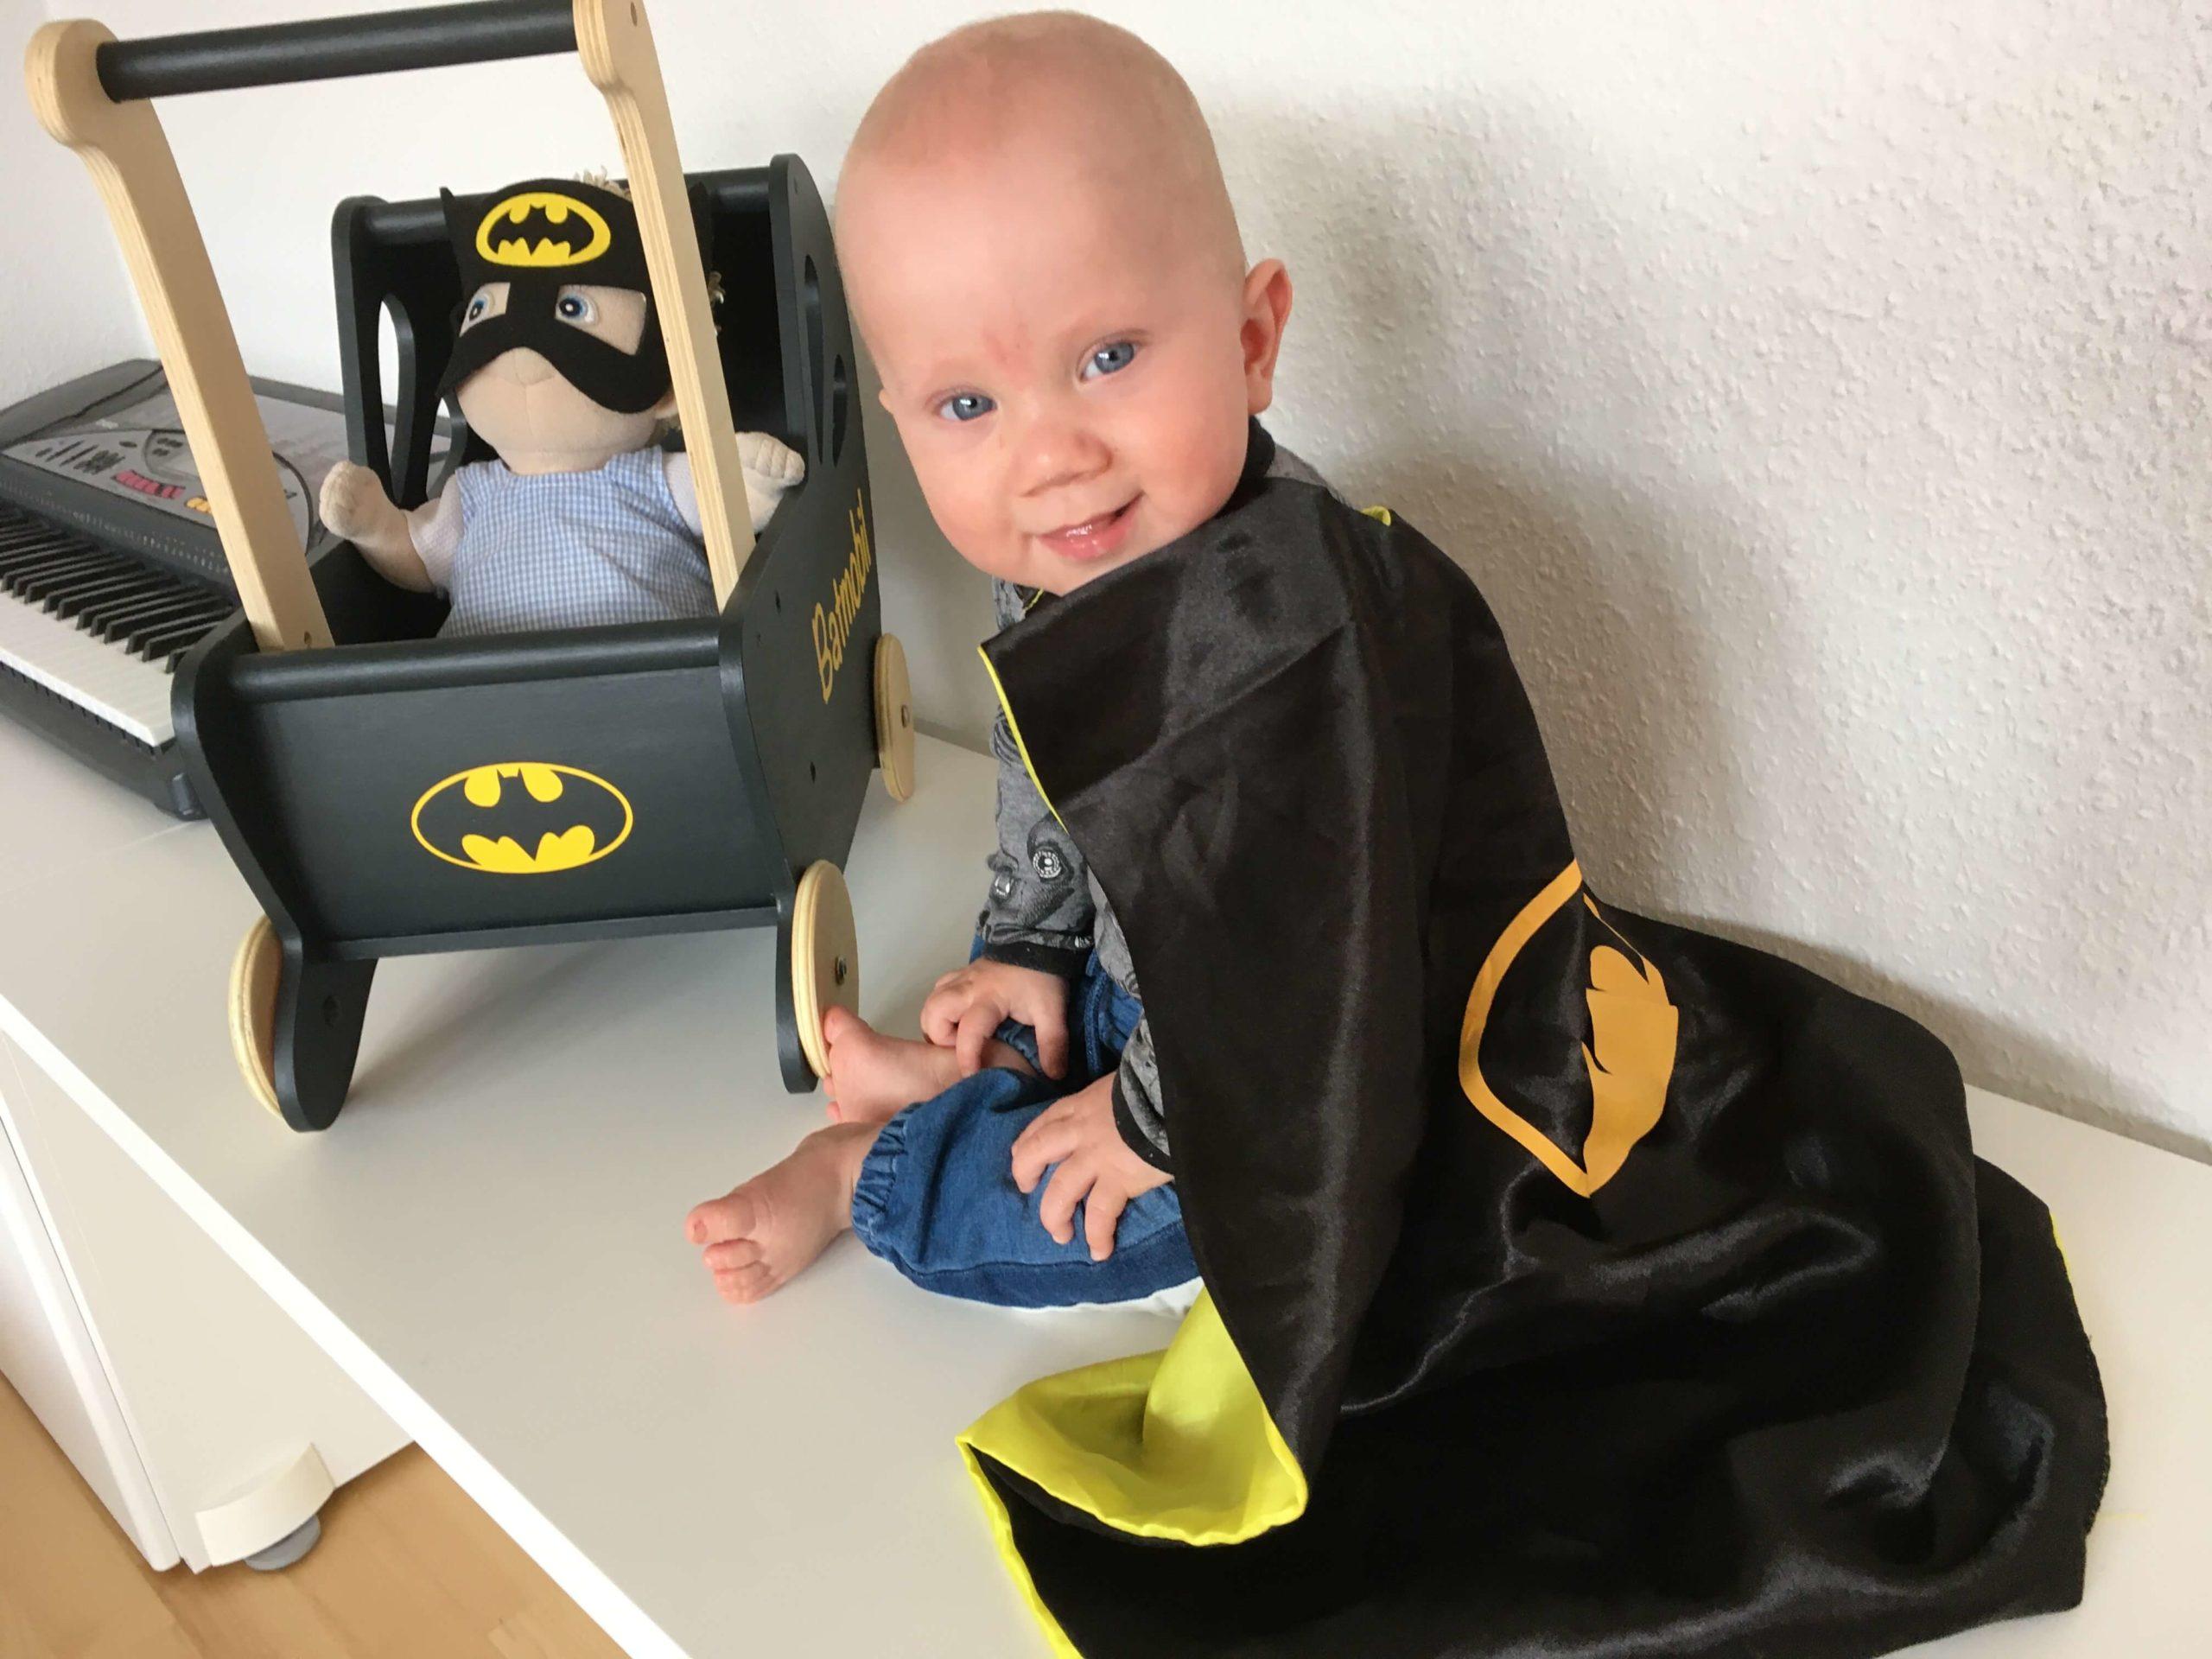 Batmobil dukkevogn med David og Batman dukke